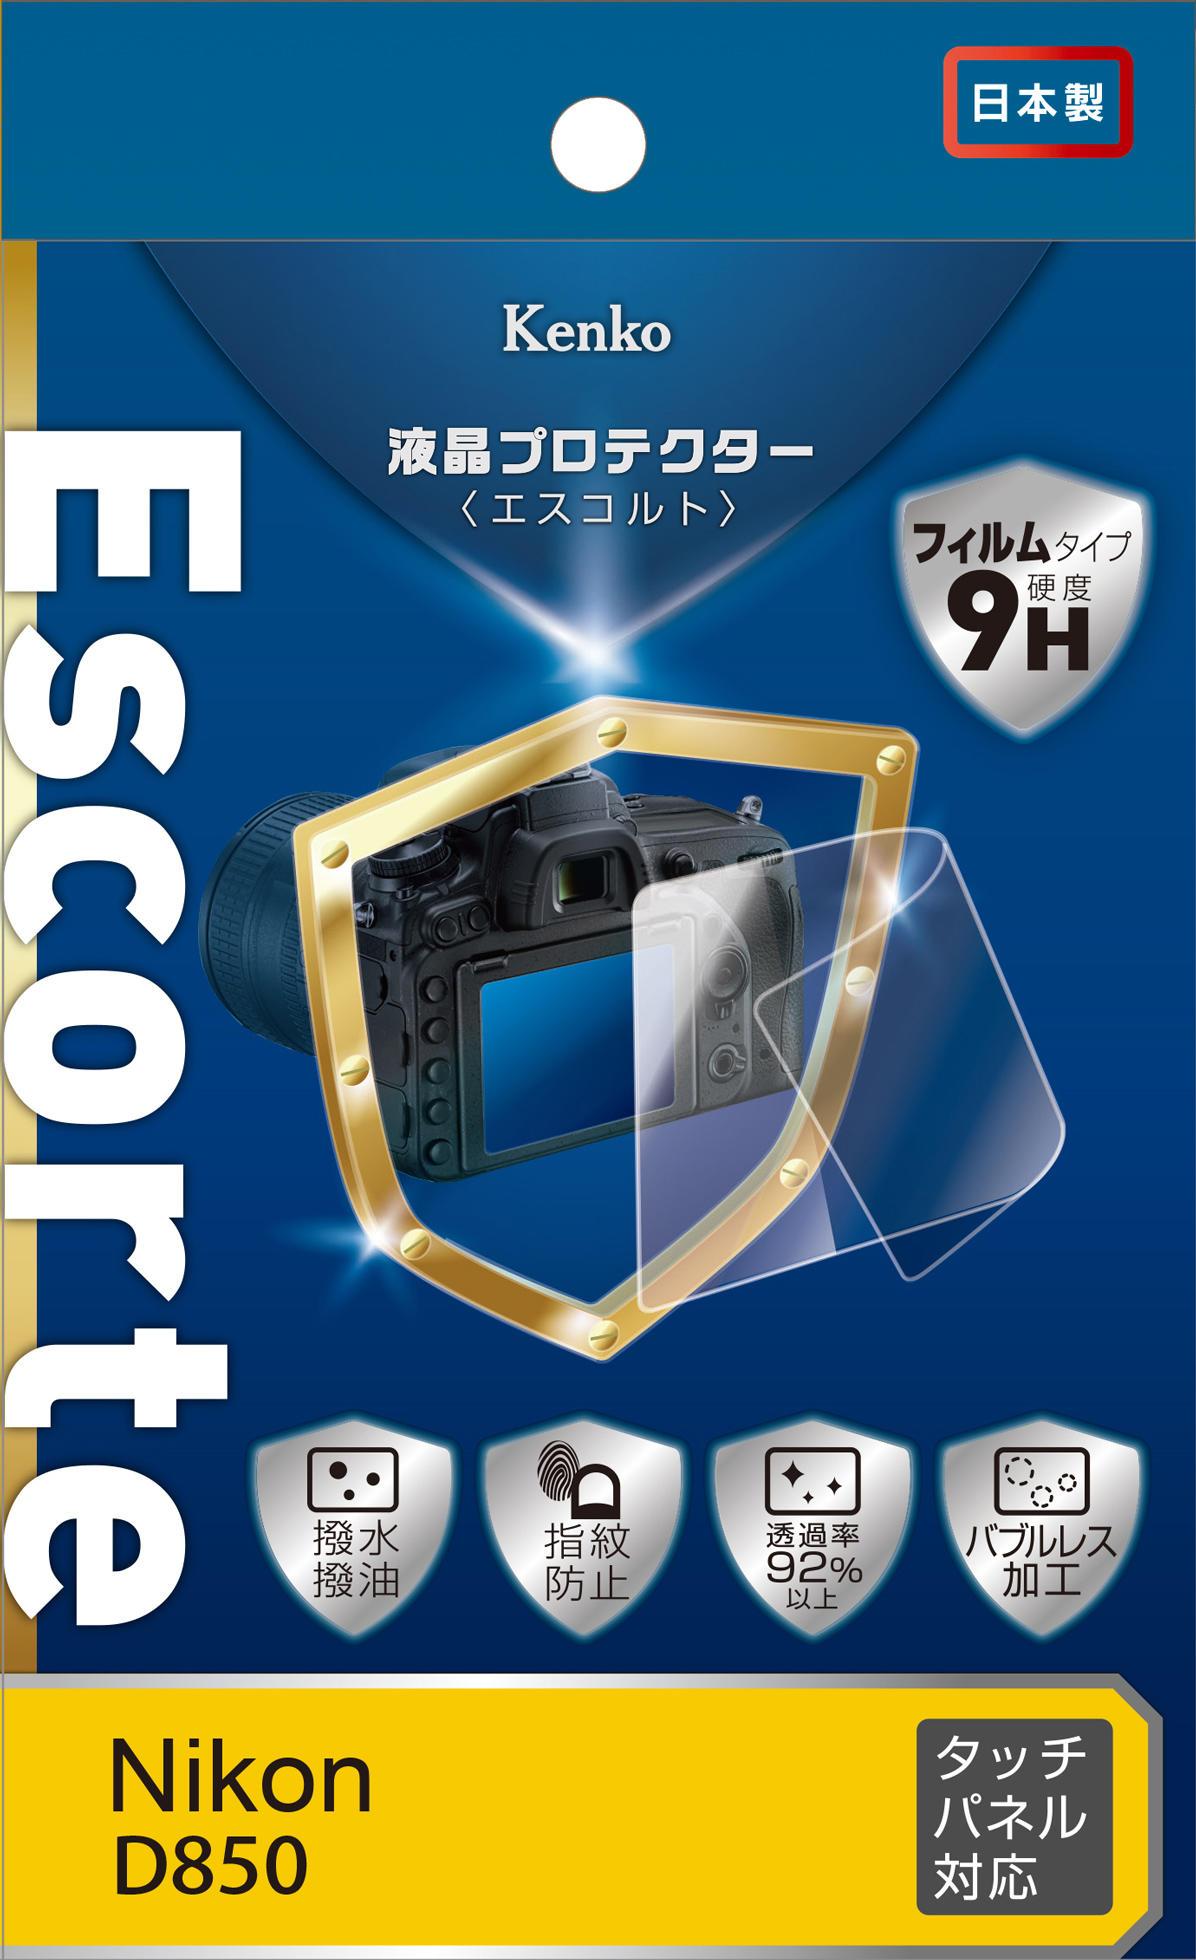 http://www.kenko-tokina.co.jp/imaging/eq/mt-images/4961607181706.jpg